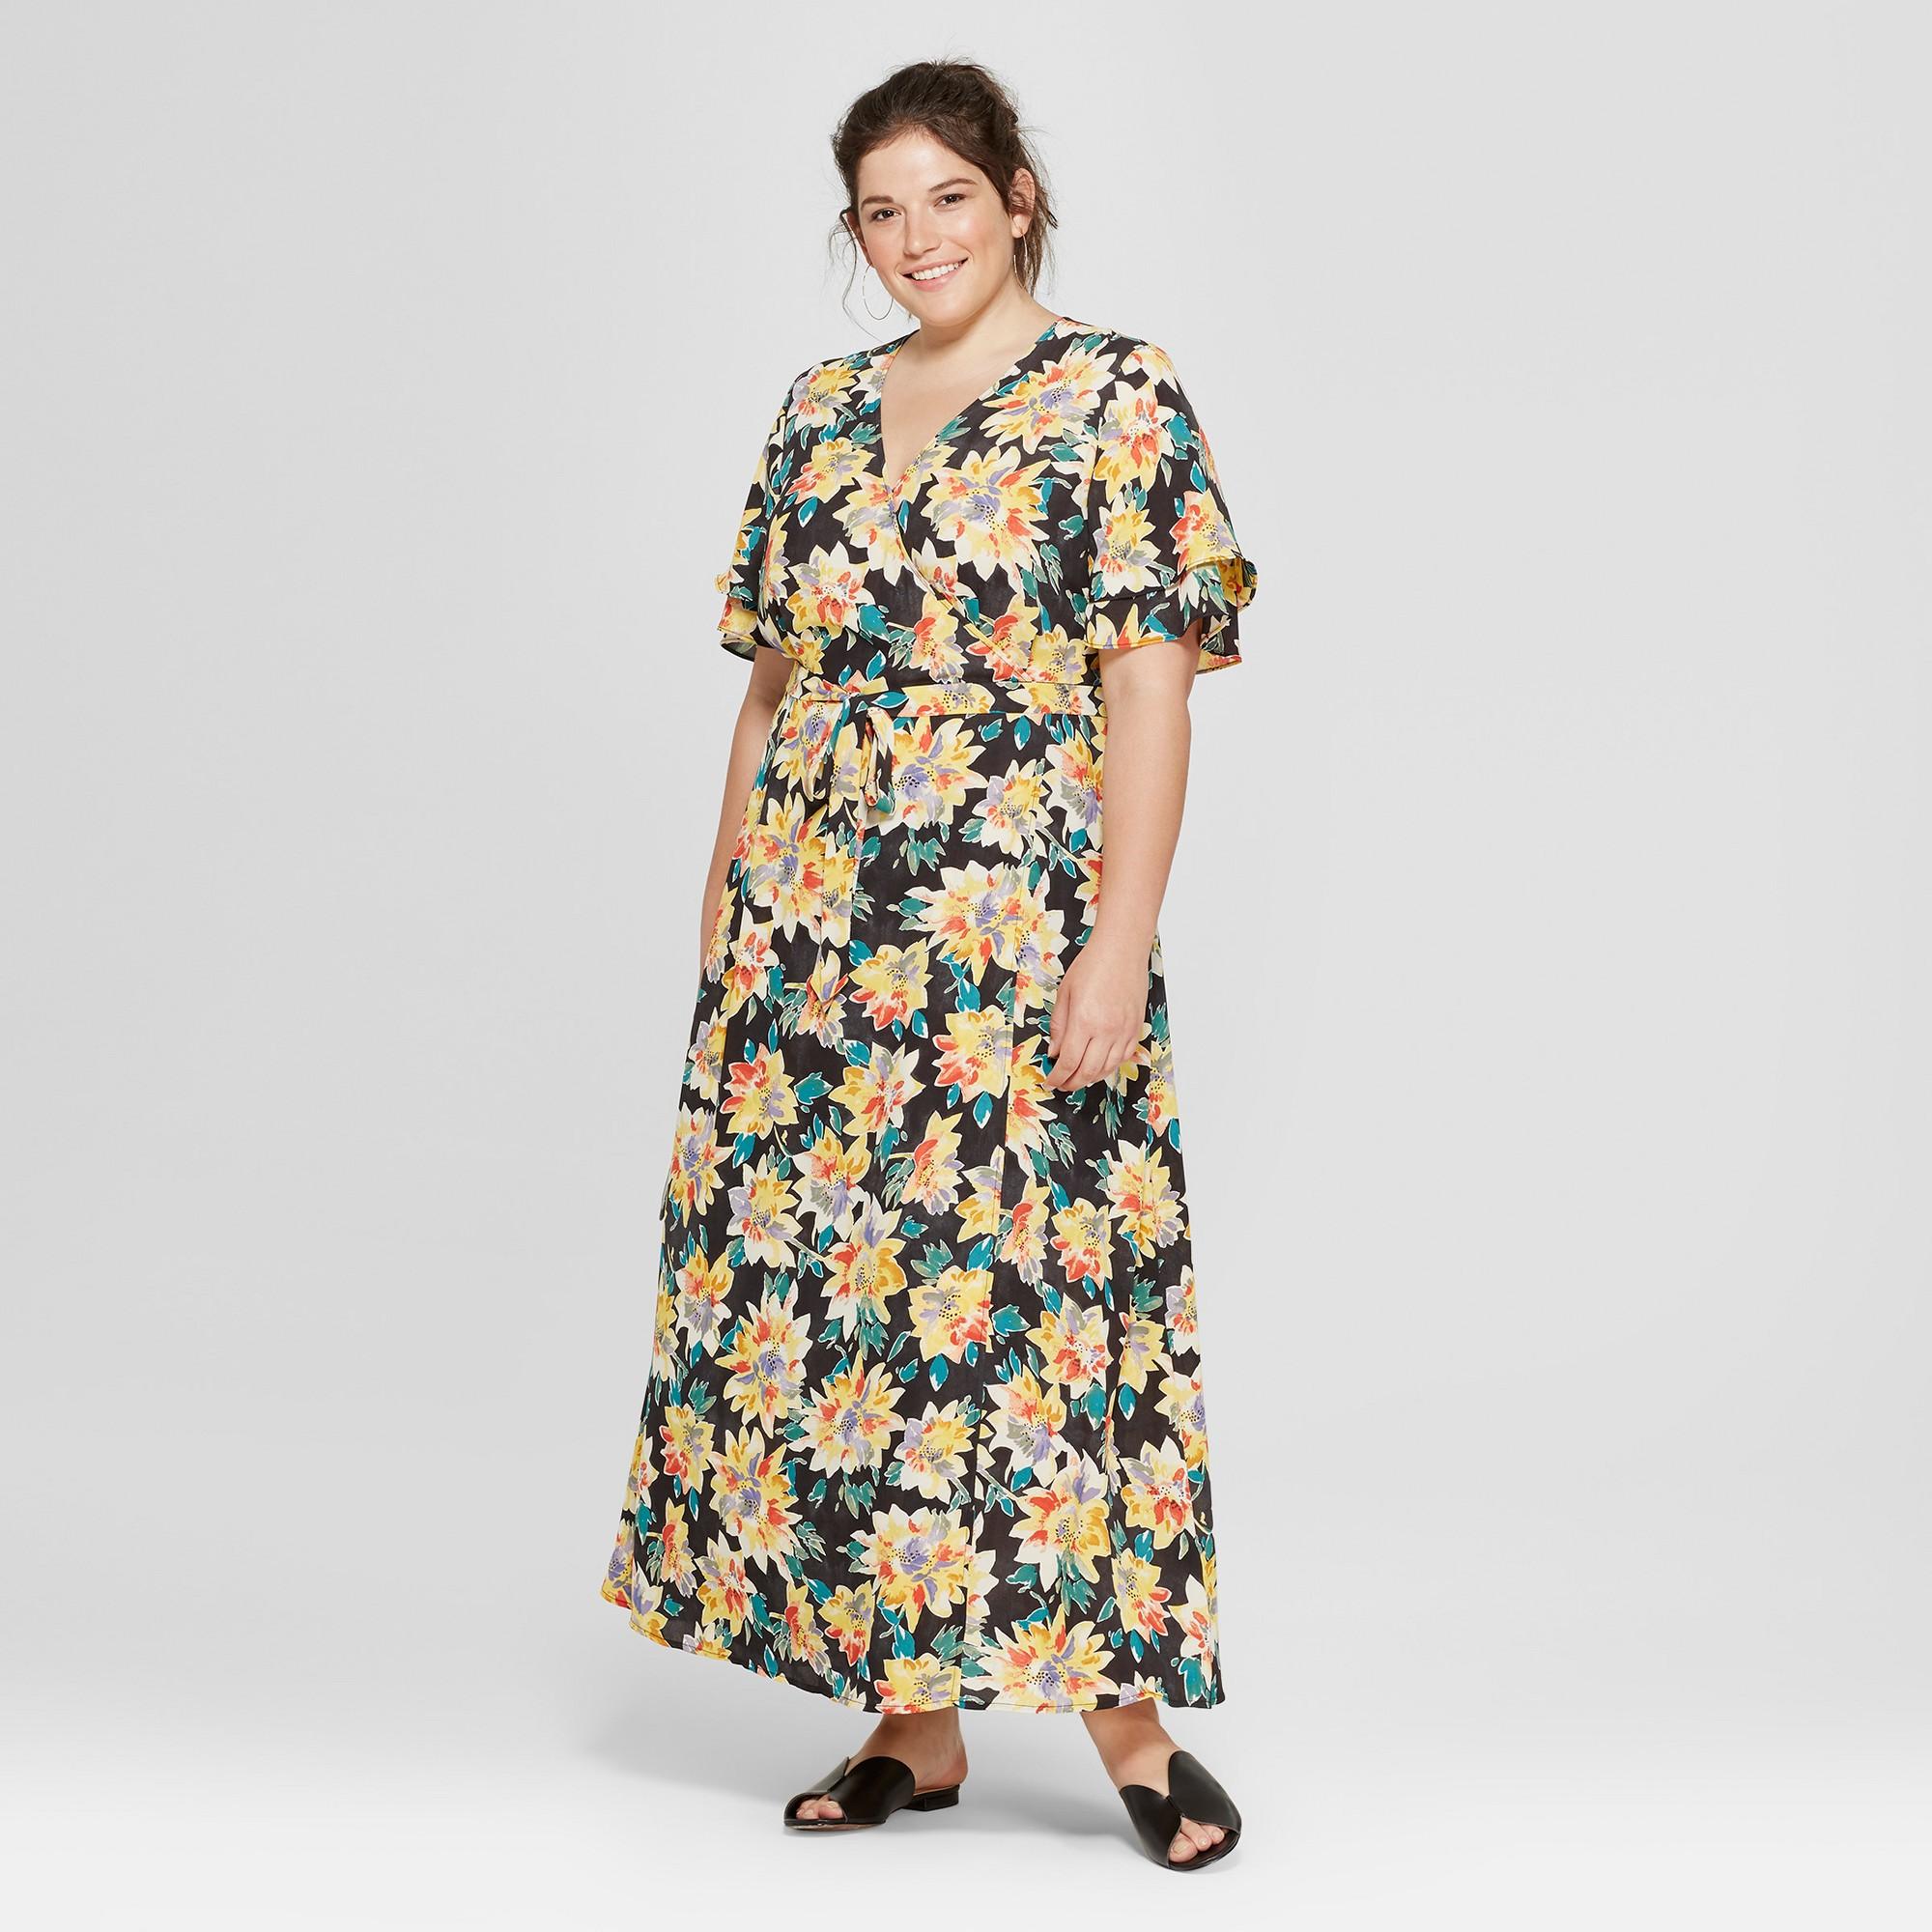 92defe74e1d Women s Plus Size Floral Print Wrap Maxi Dress - Ava   Viv Black 2X ...